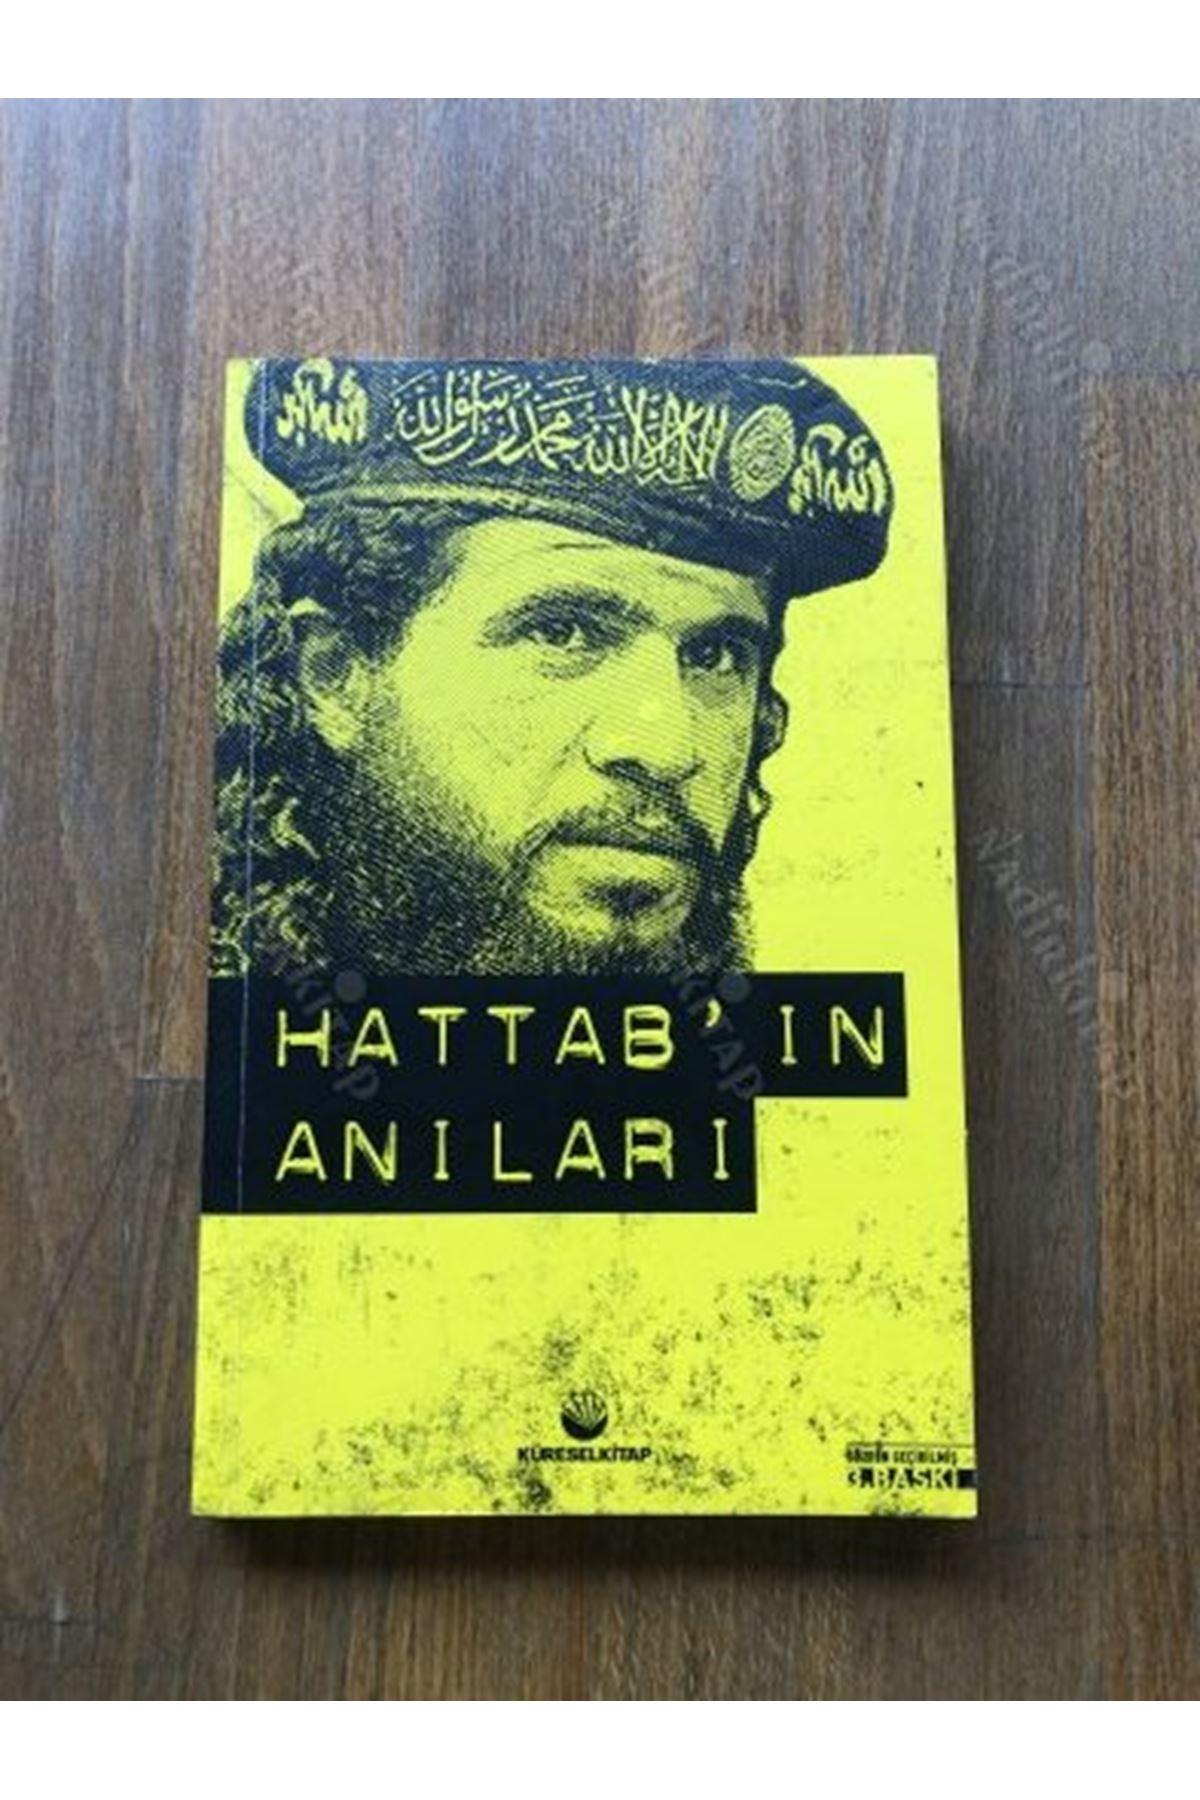 HATTAB'IN ANILARI